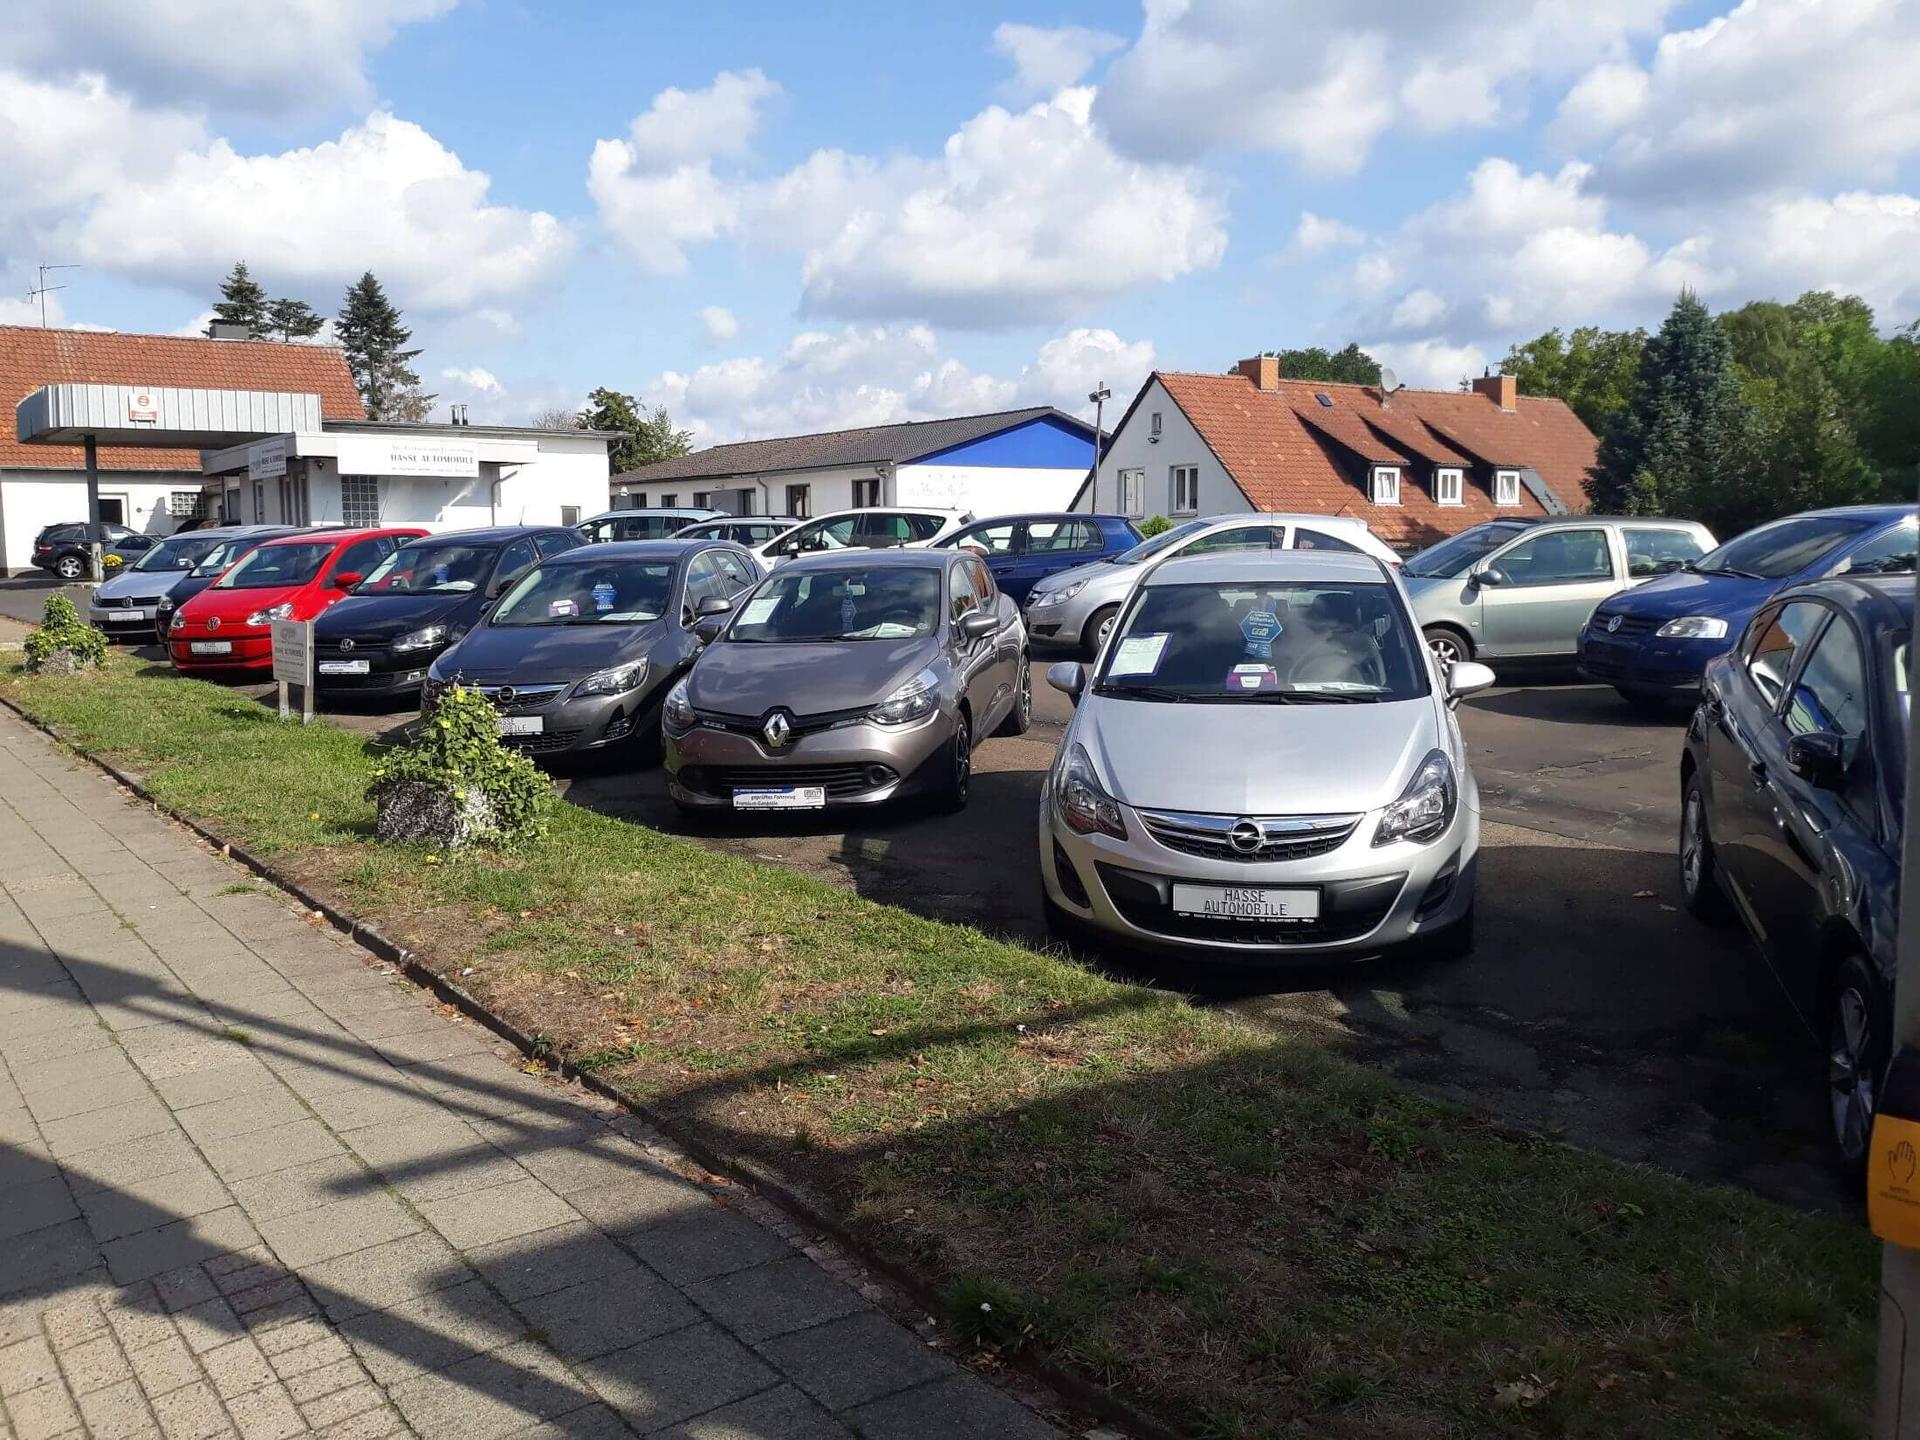 Hasse Automobile Wir bieten Ihnen eine große Online Auswahl an EU-Neufahrzeugen, Jahreswagen, neue EU-Bestellfahrzeuge und junger Gebrauchtwagen